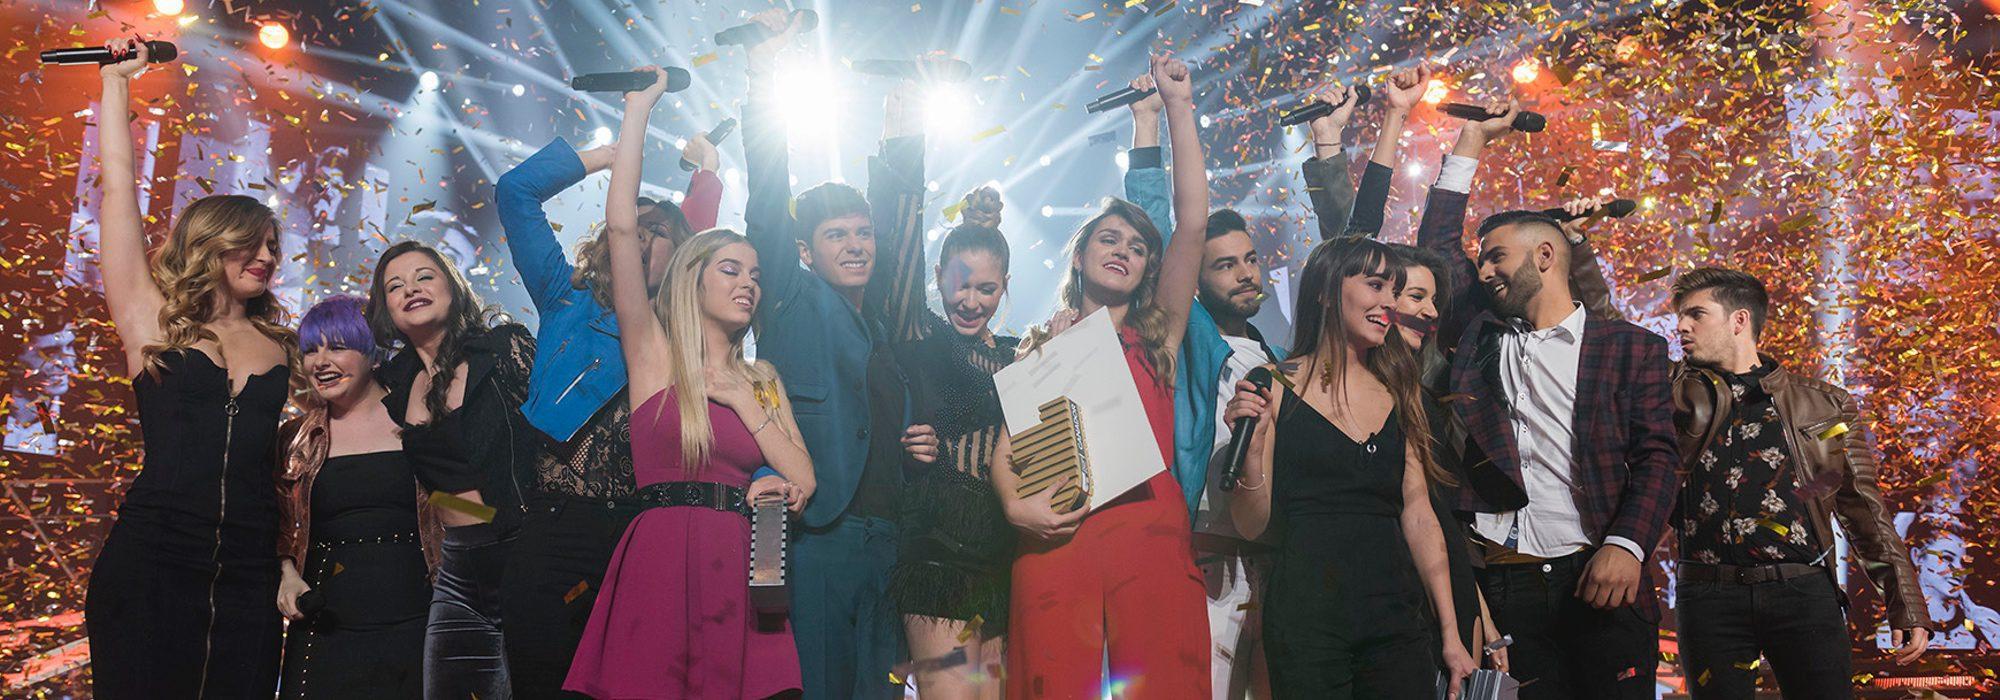 ¿Qué fue de los ganadores de las ediciones anteriores de 'Operación triunfo'?